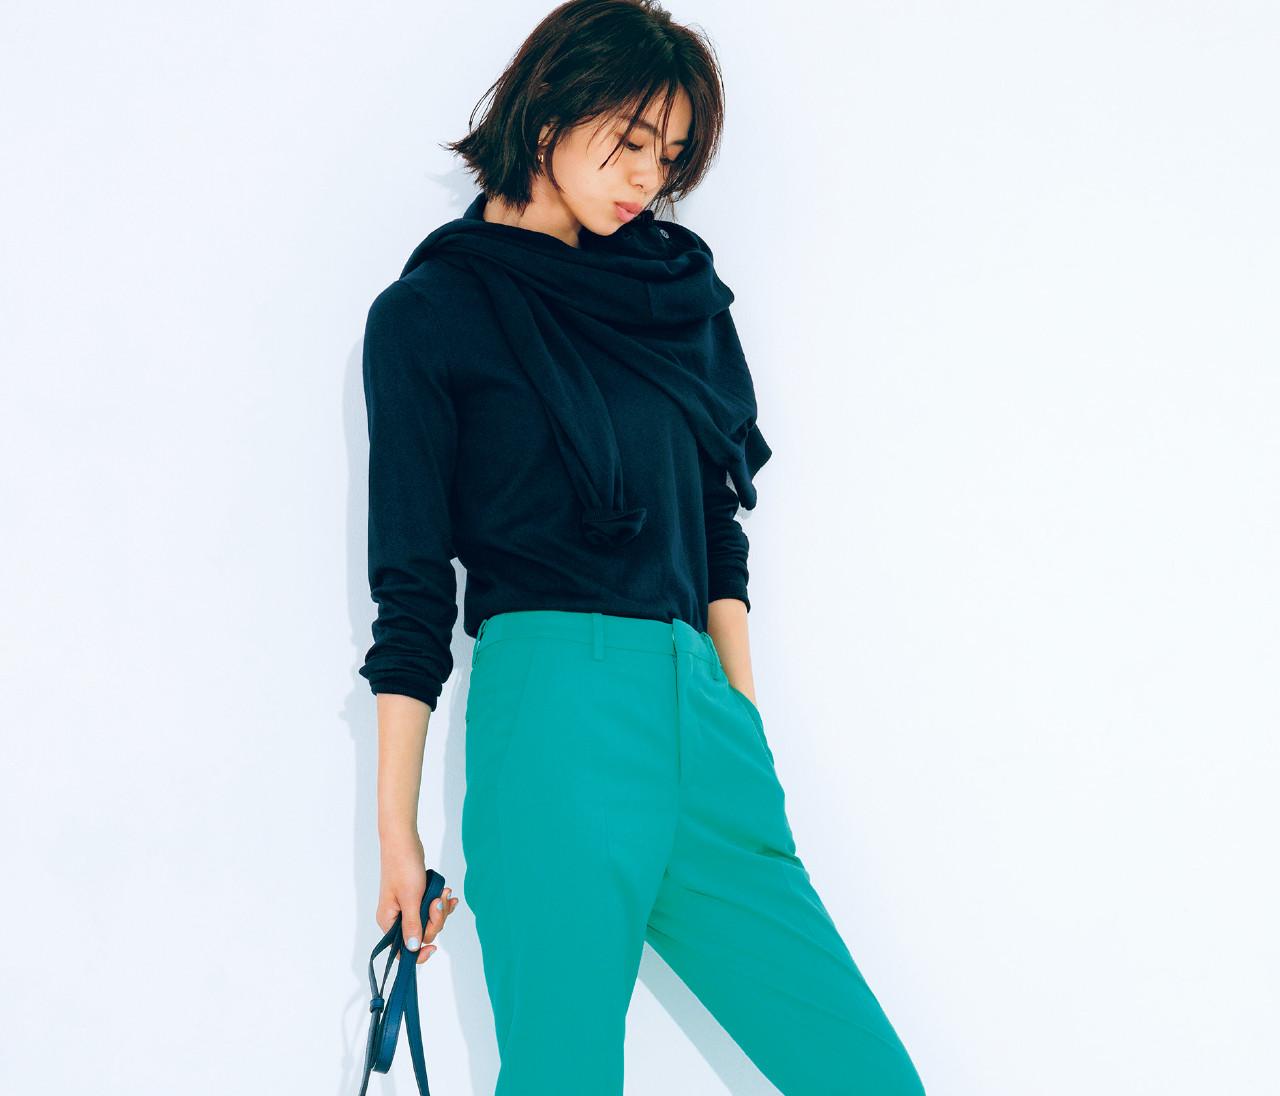 きれい色パンツに似合うスニーカーって?スタイリストがアドバイス!